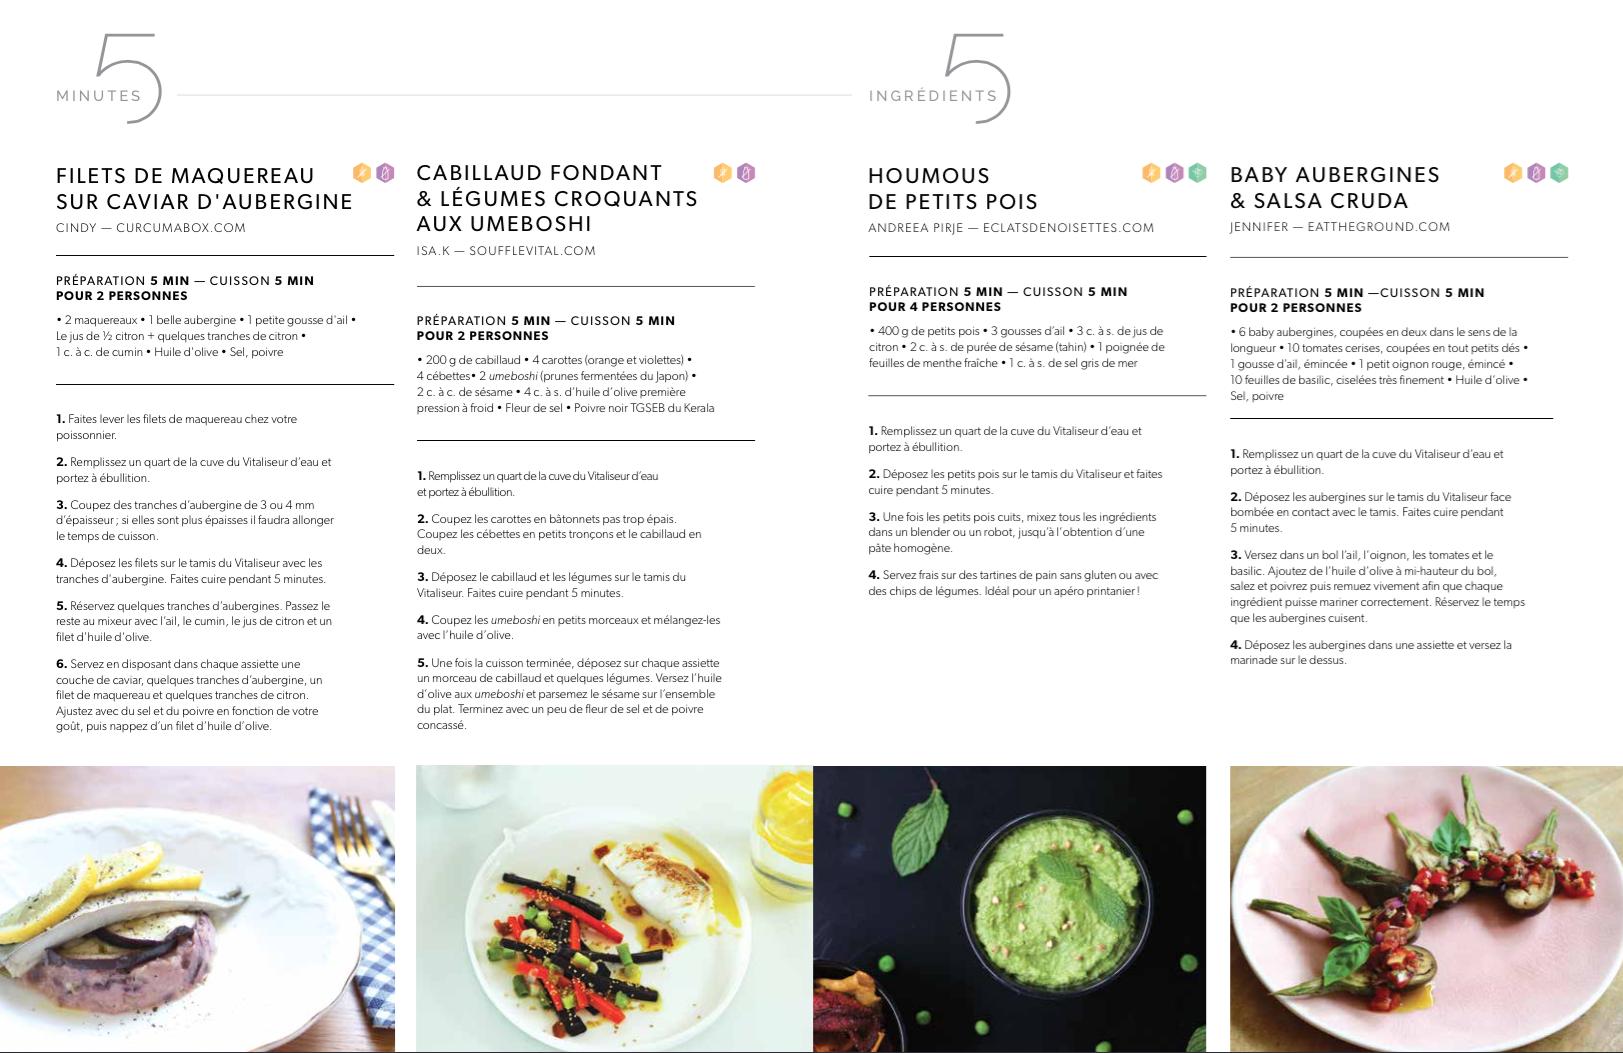 Magazine 95°, Juillet 2018 - 6 ingrédients, 5 min de préparation & 5 min de cuisson